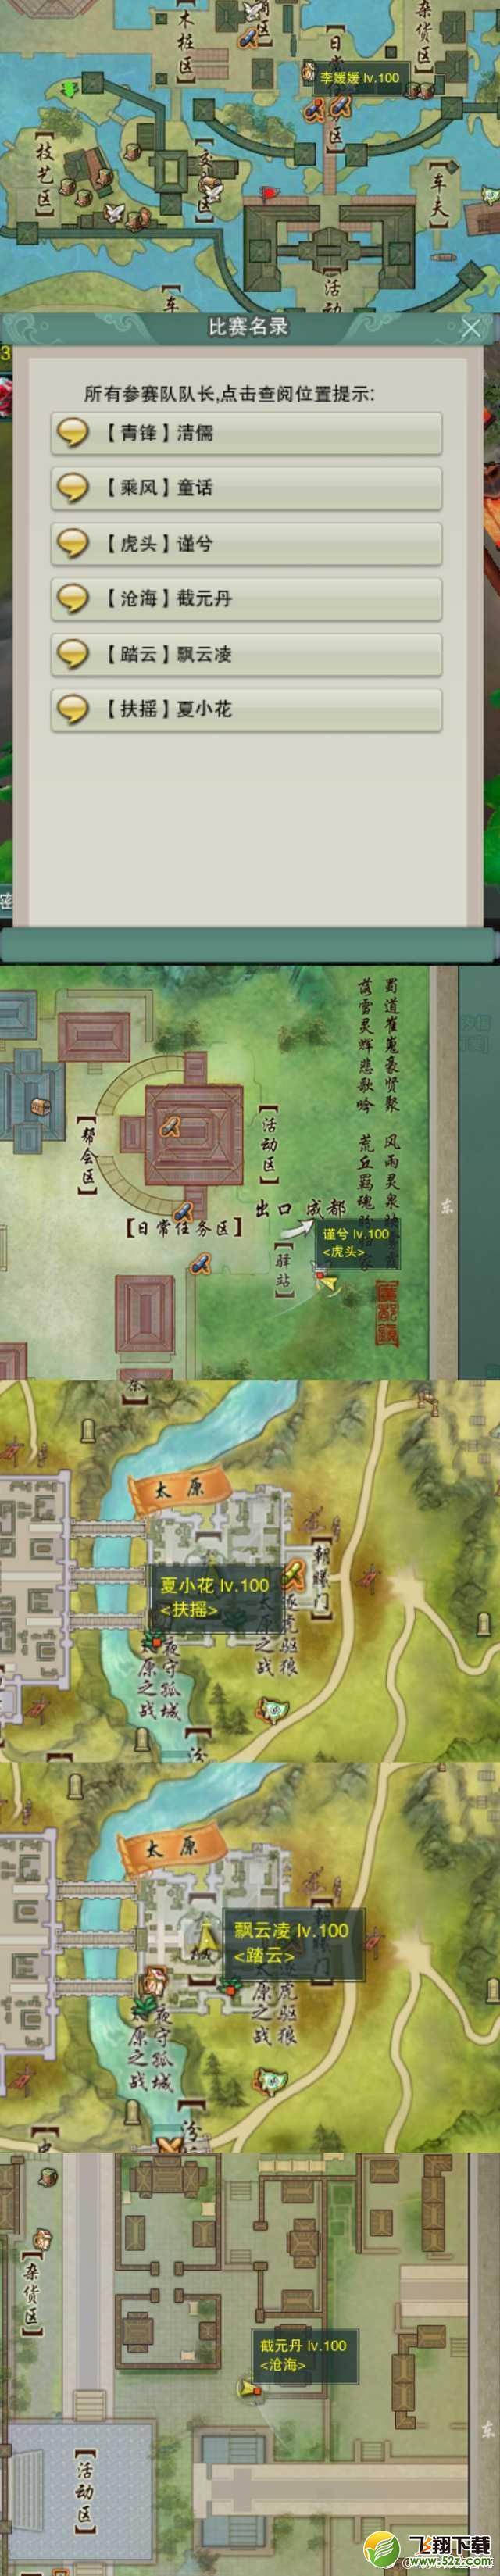 剑网3巅峰拭剑今朝看队长位置一览_www.creatively-victoria.com